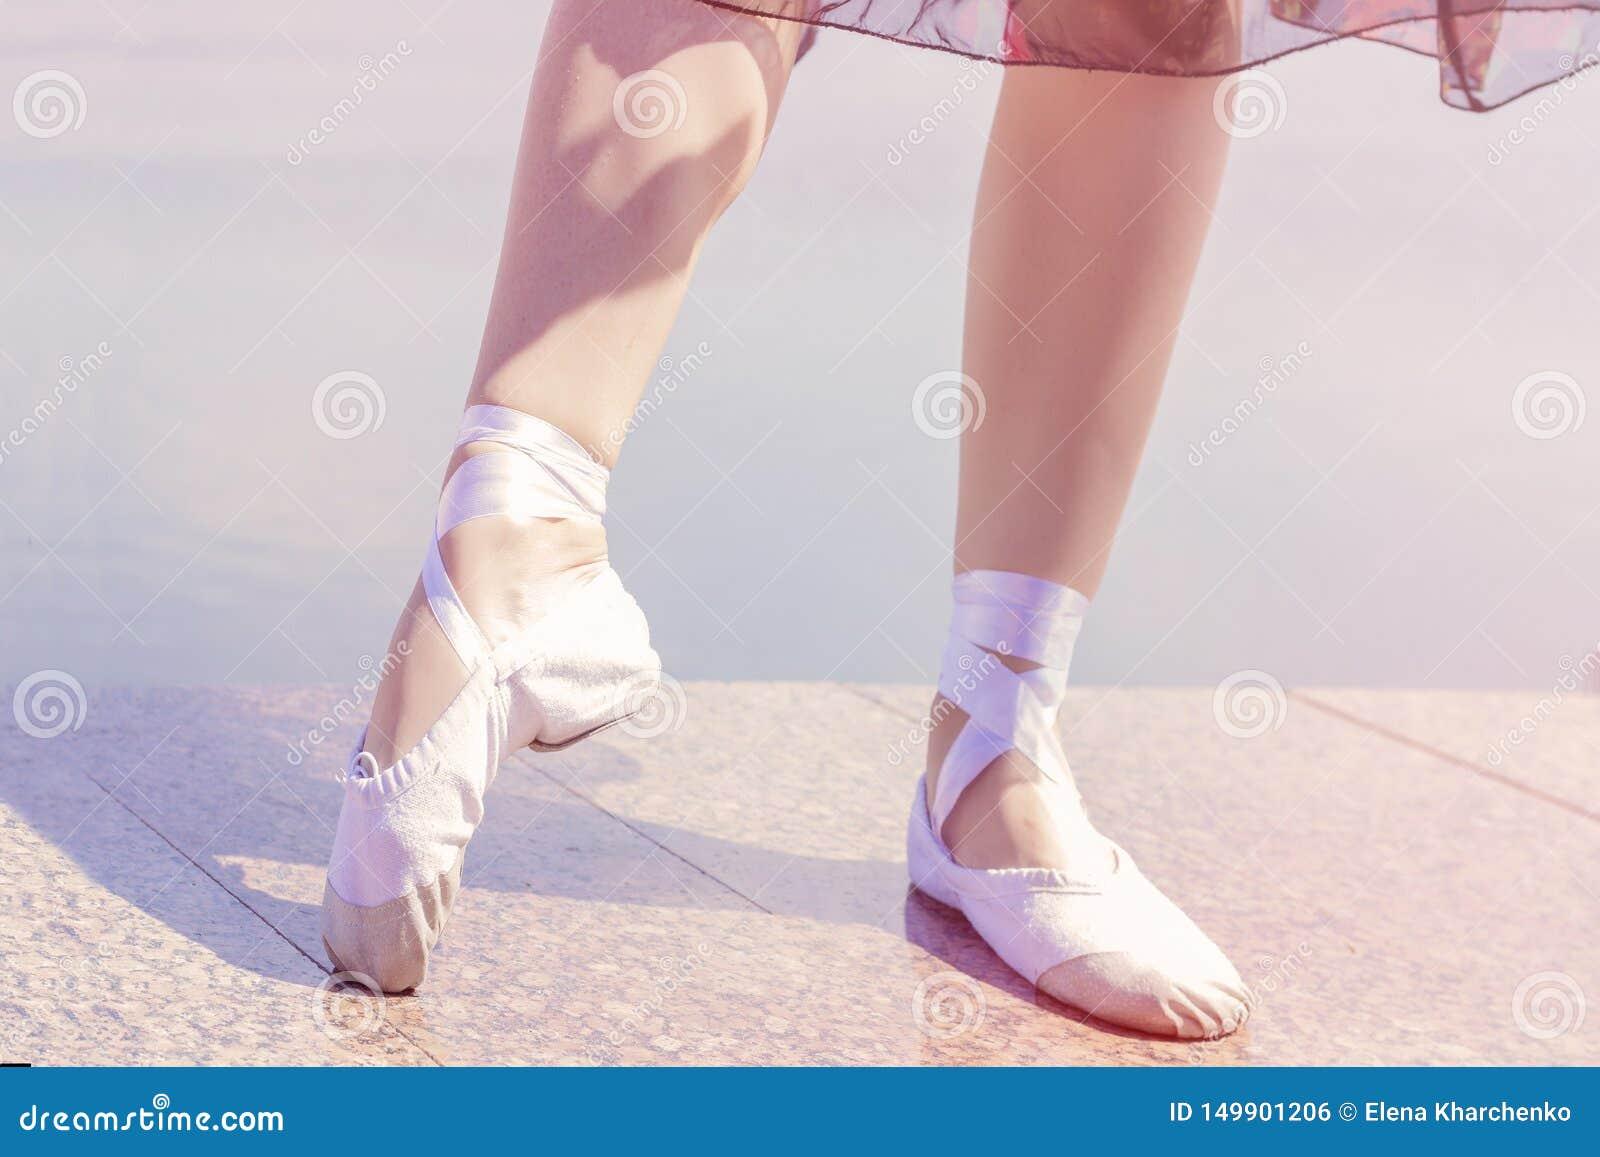 Παπούτσια μπαλέτου για το χορό που πεταλώνεται στα κορίτσια χορευτών ποδιών τους